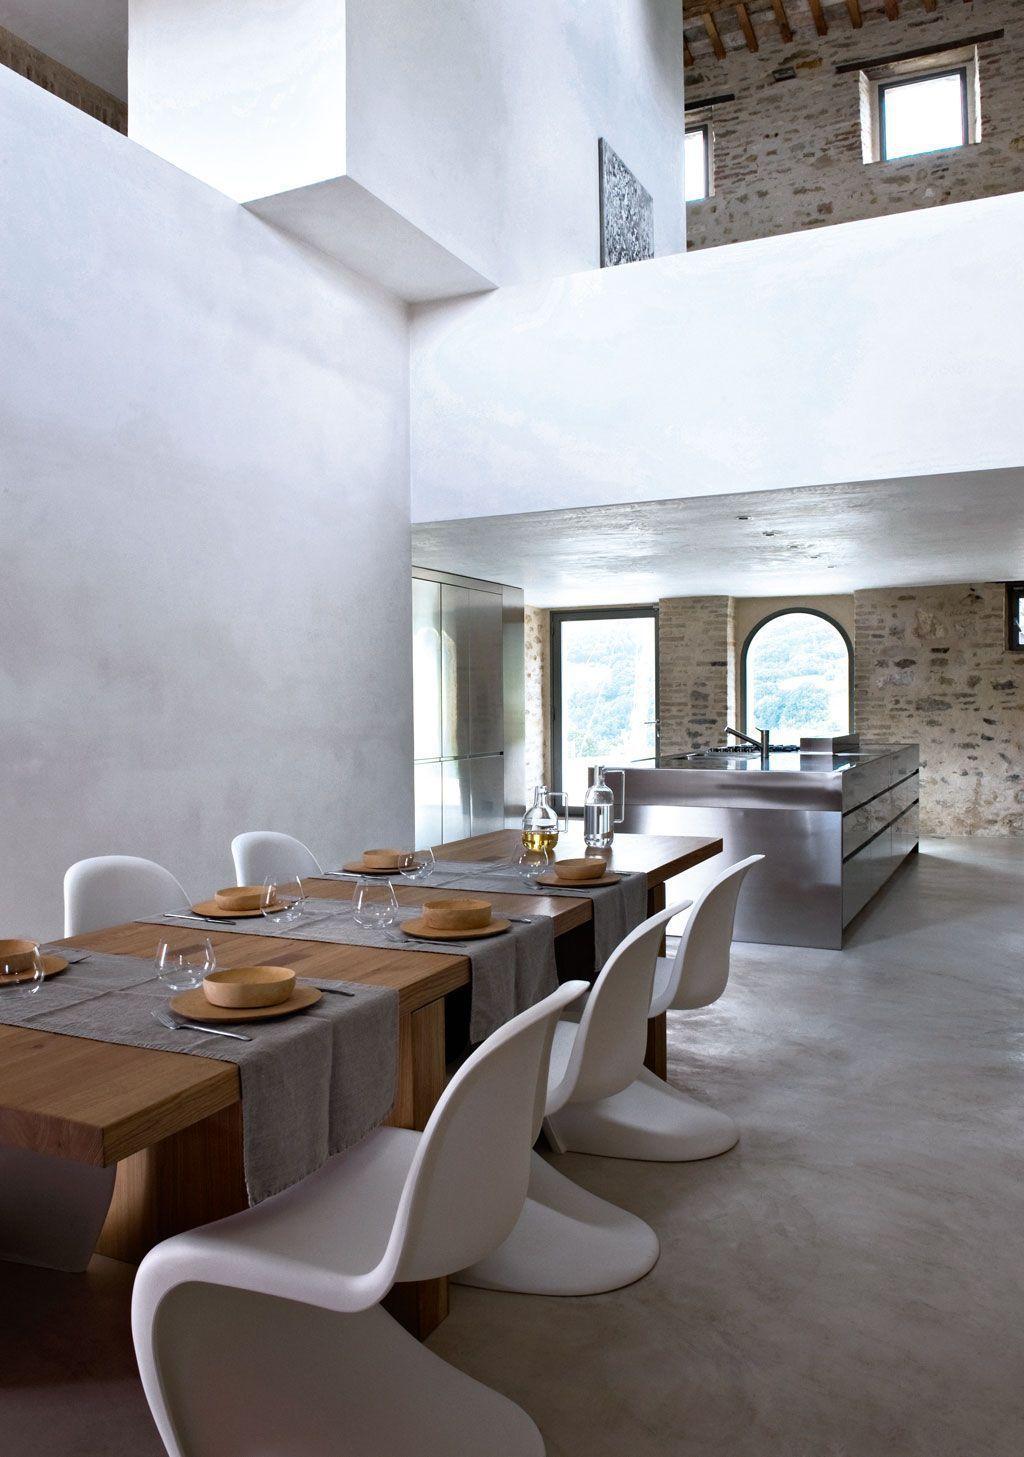 blog déco chaise ronde blanche table bois mur pierre salon spacieux